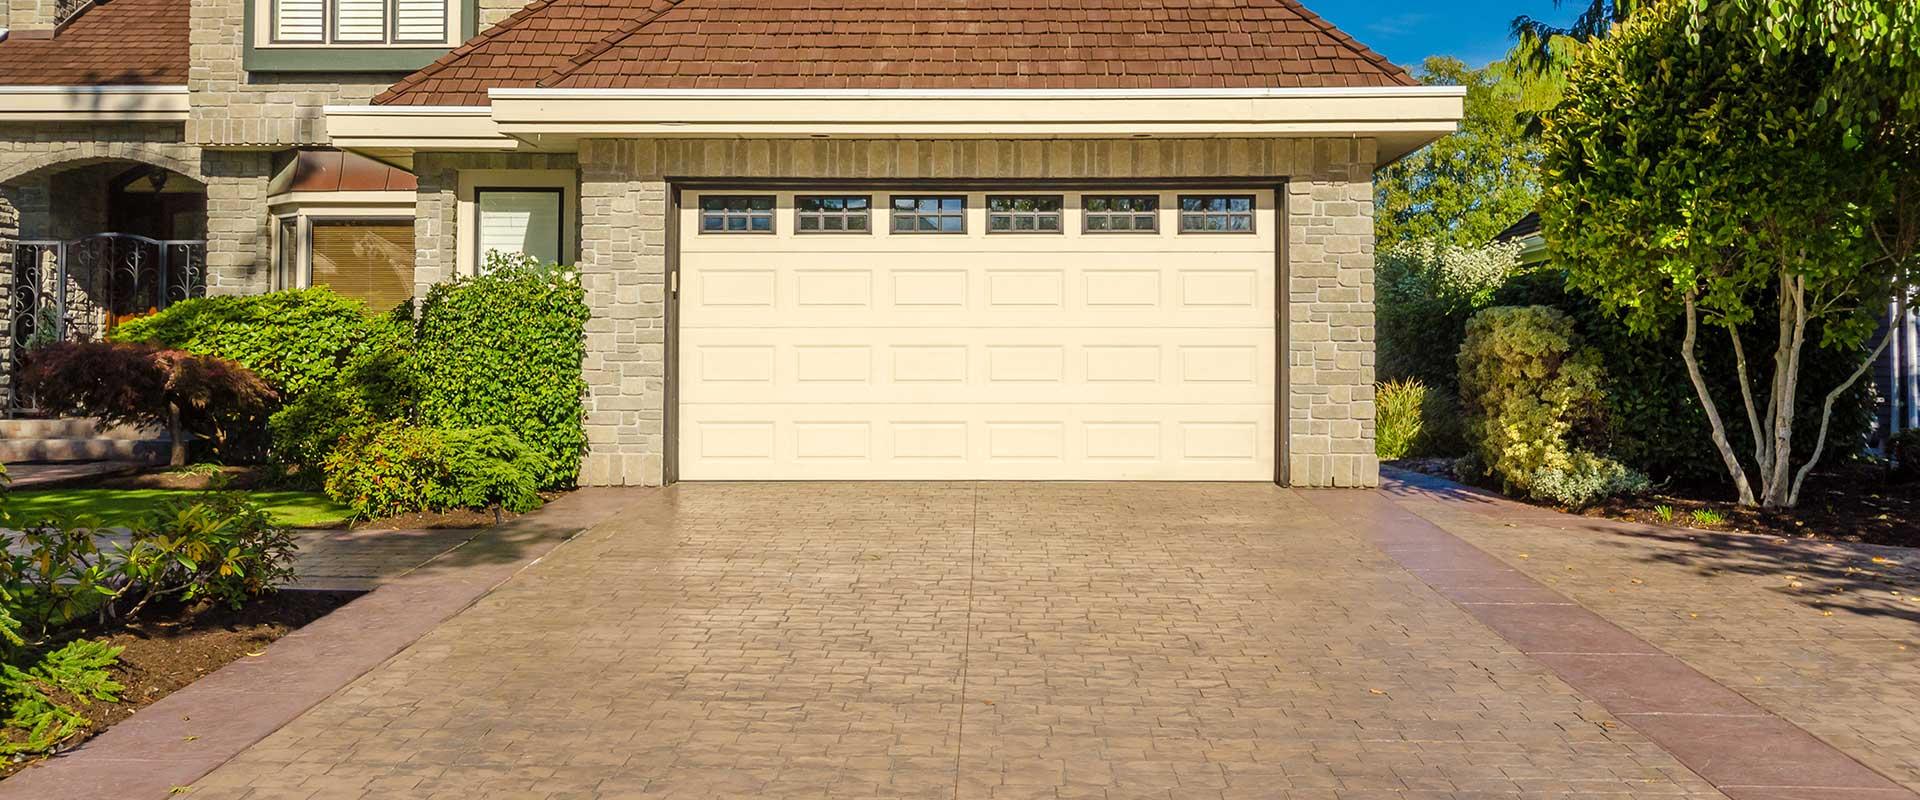 Garage Door Replacement  Repair  Springs  Parts  Overhead Door  Fireplace